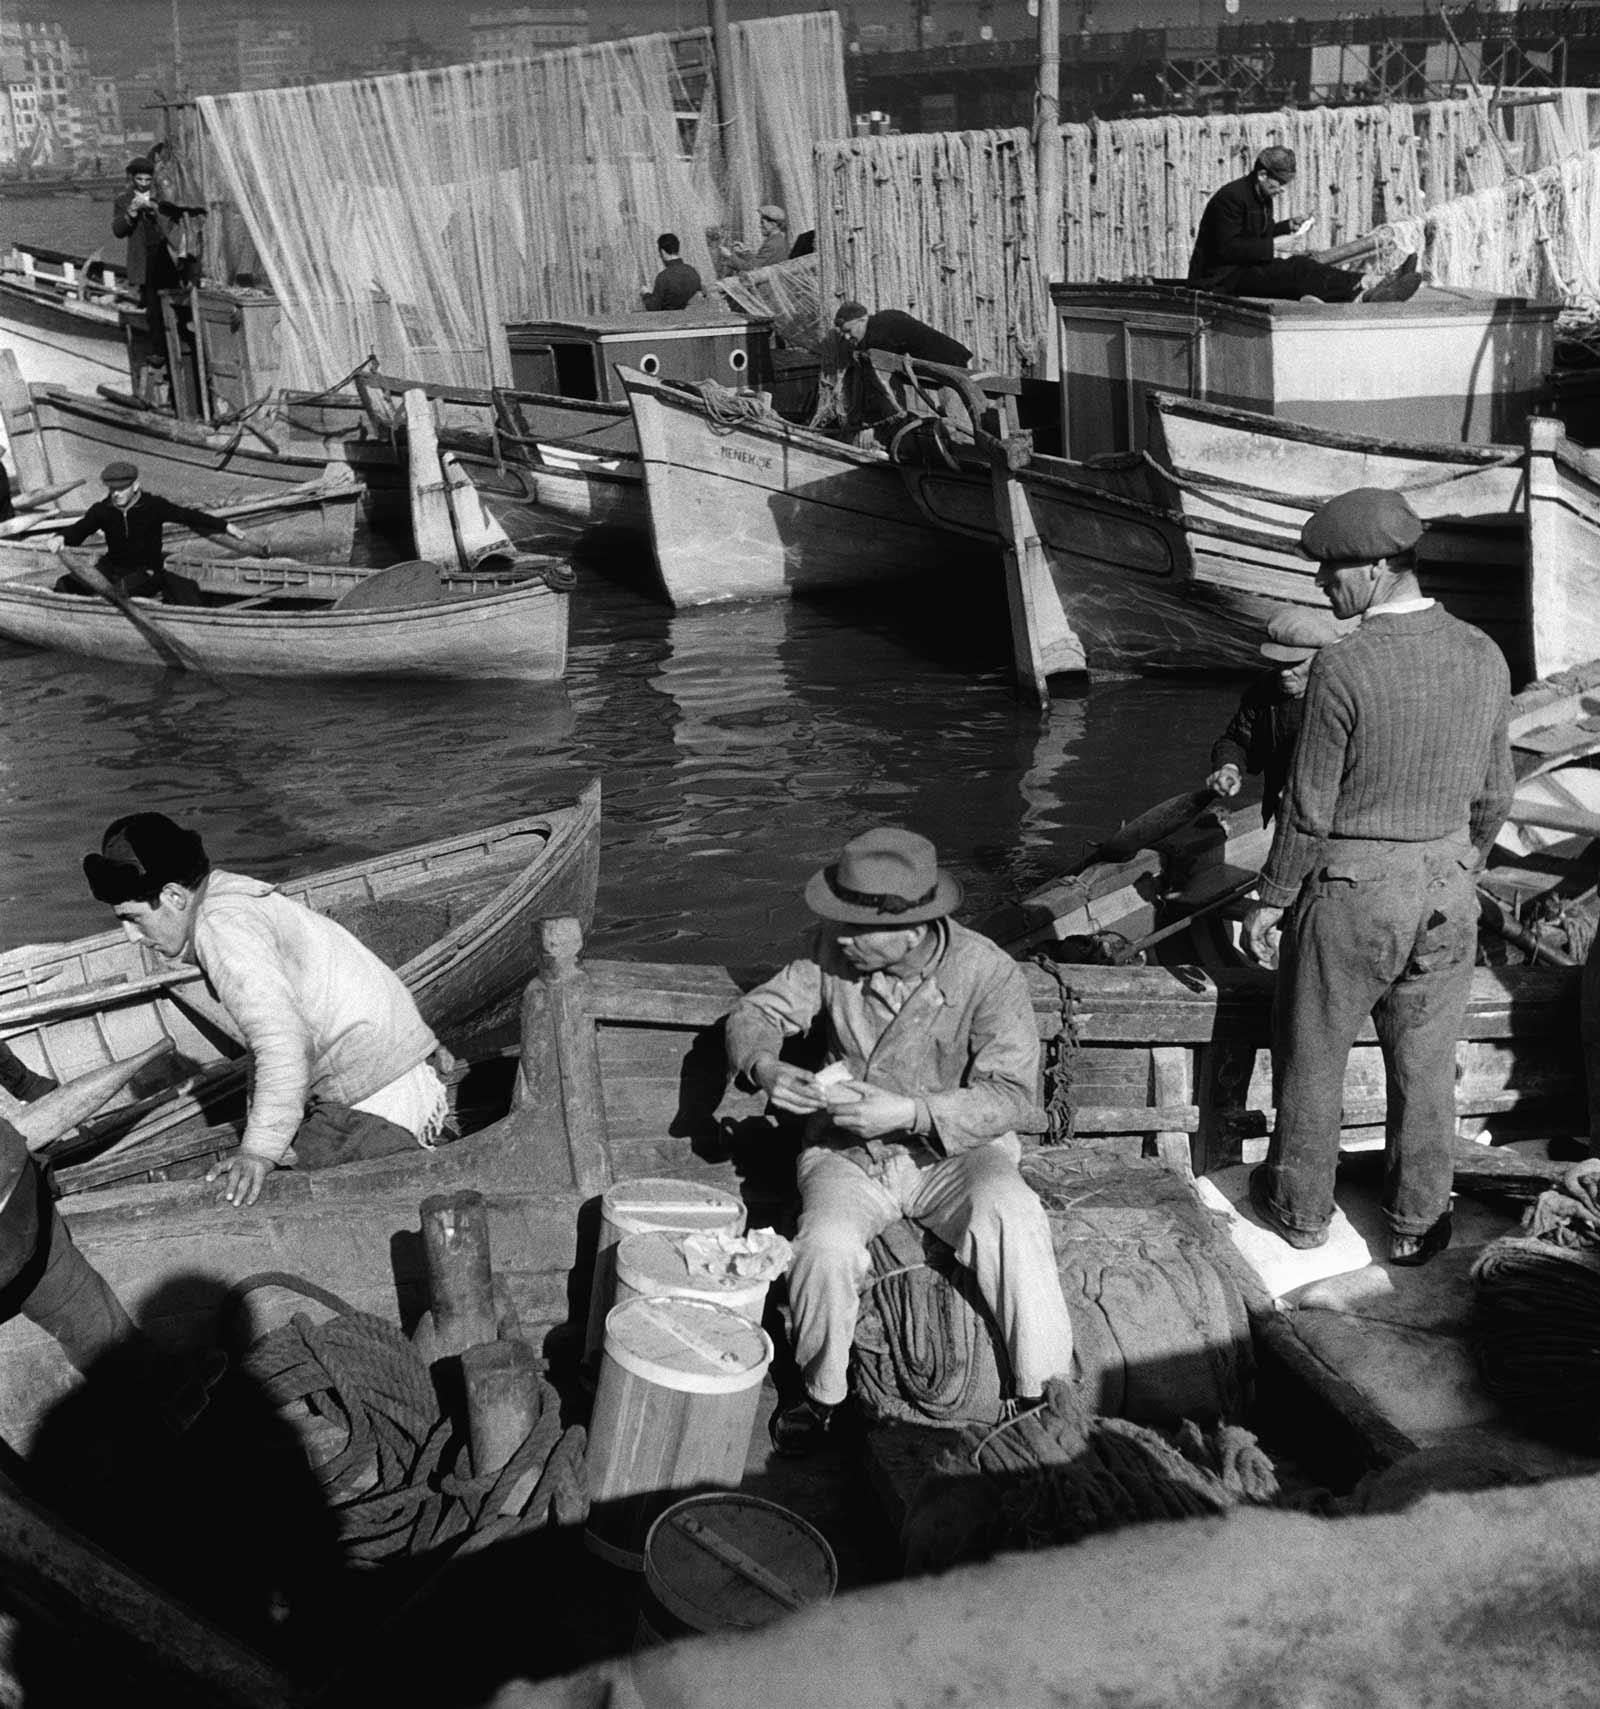 moran-goldenhorn-istanbul-1954